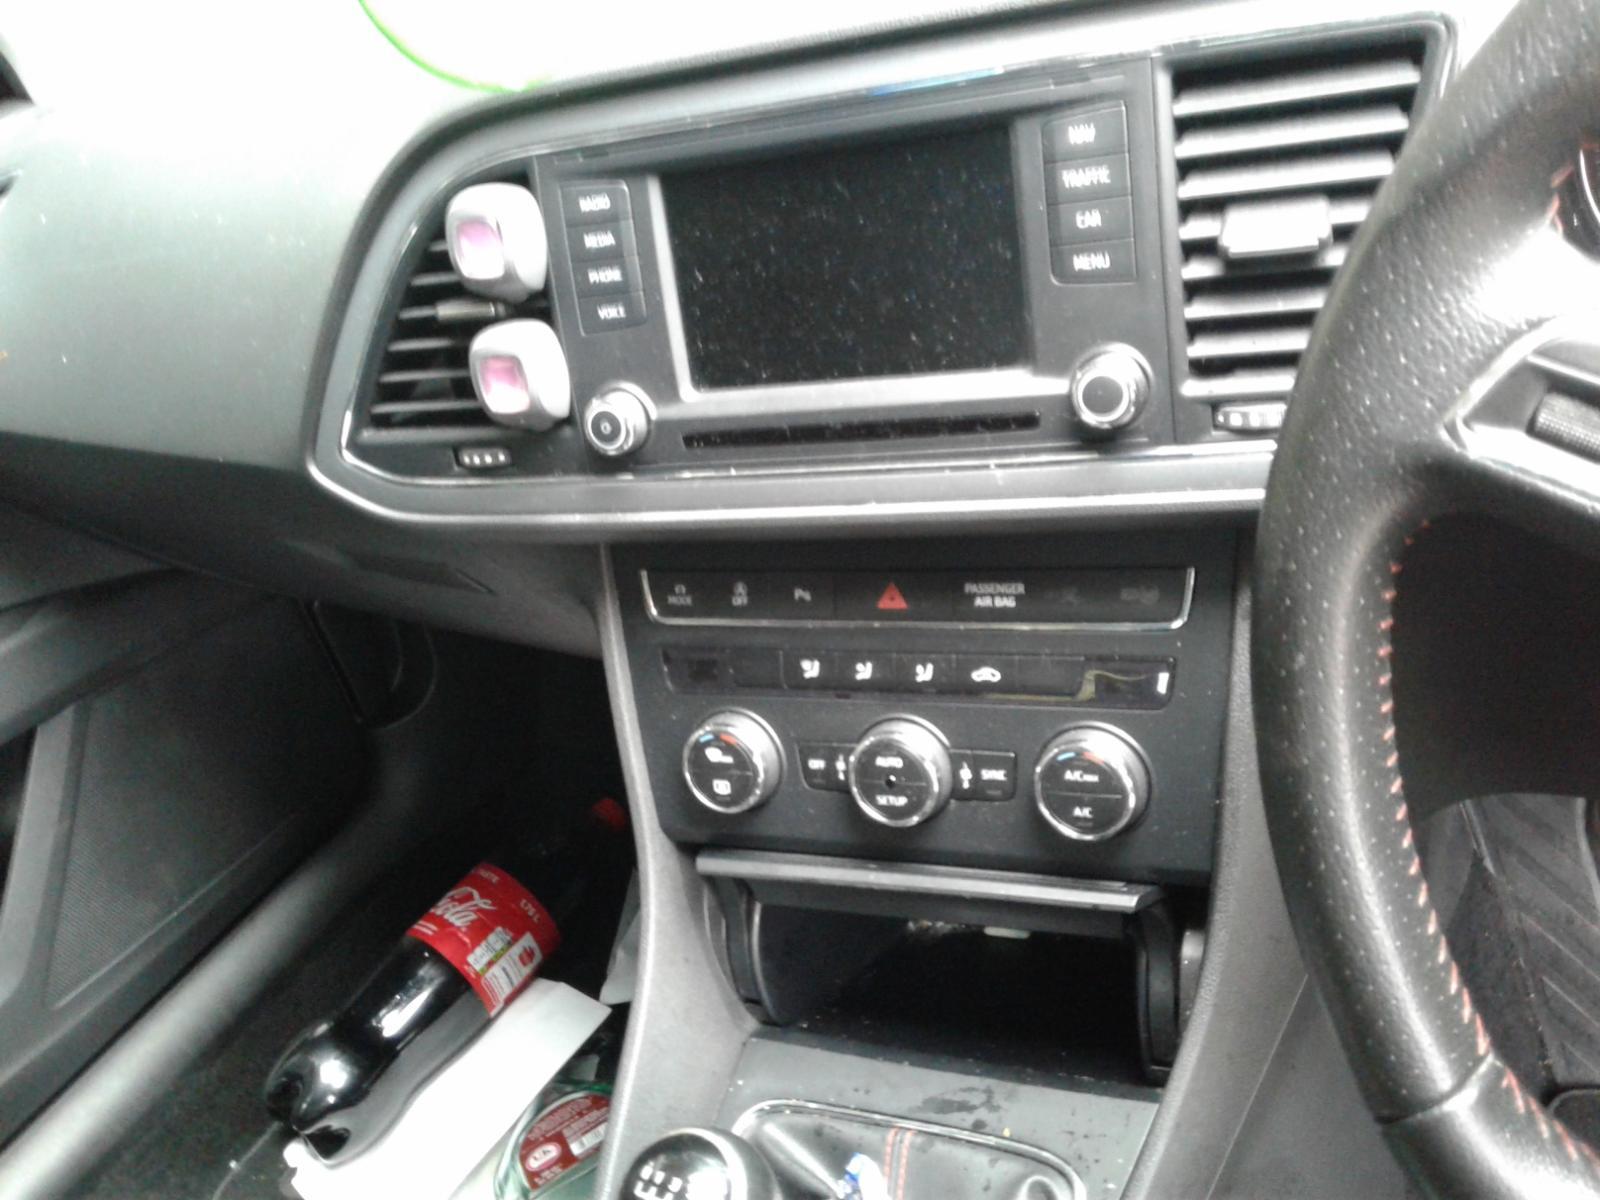 View Auto part SEAT LEON 2013 5 Door Hatchback